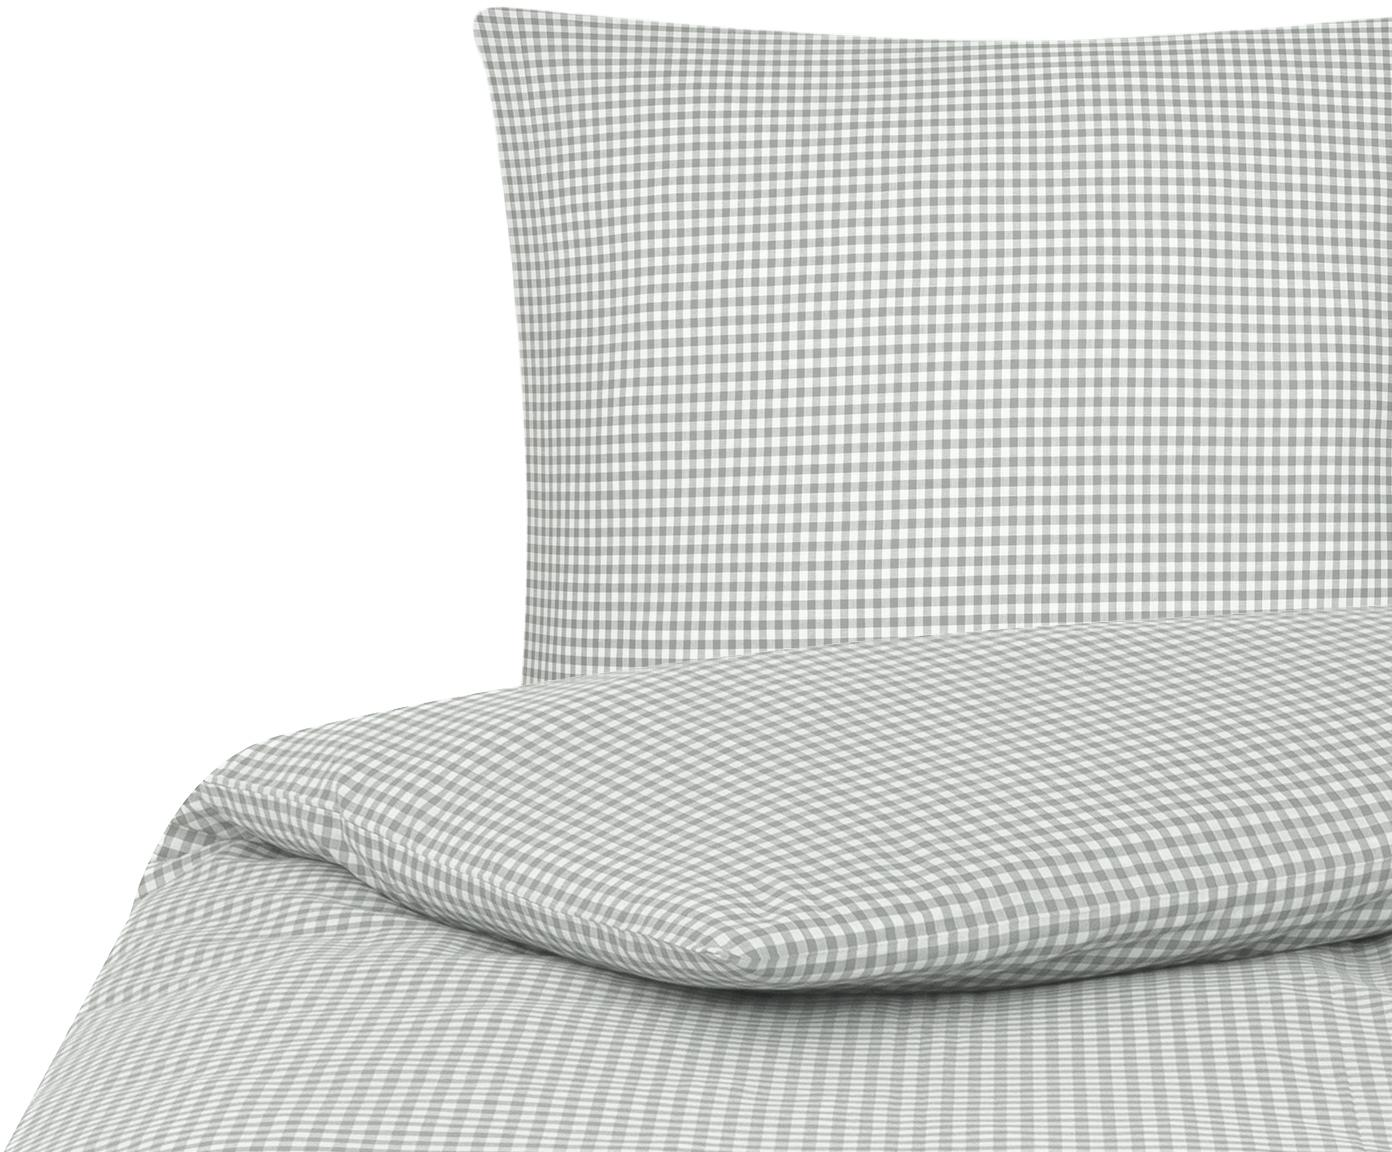 Funda nórdica de algodón Scotty, Algodón, Gris claro, blanco, Cama 90 cm (150 x 200 cm)